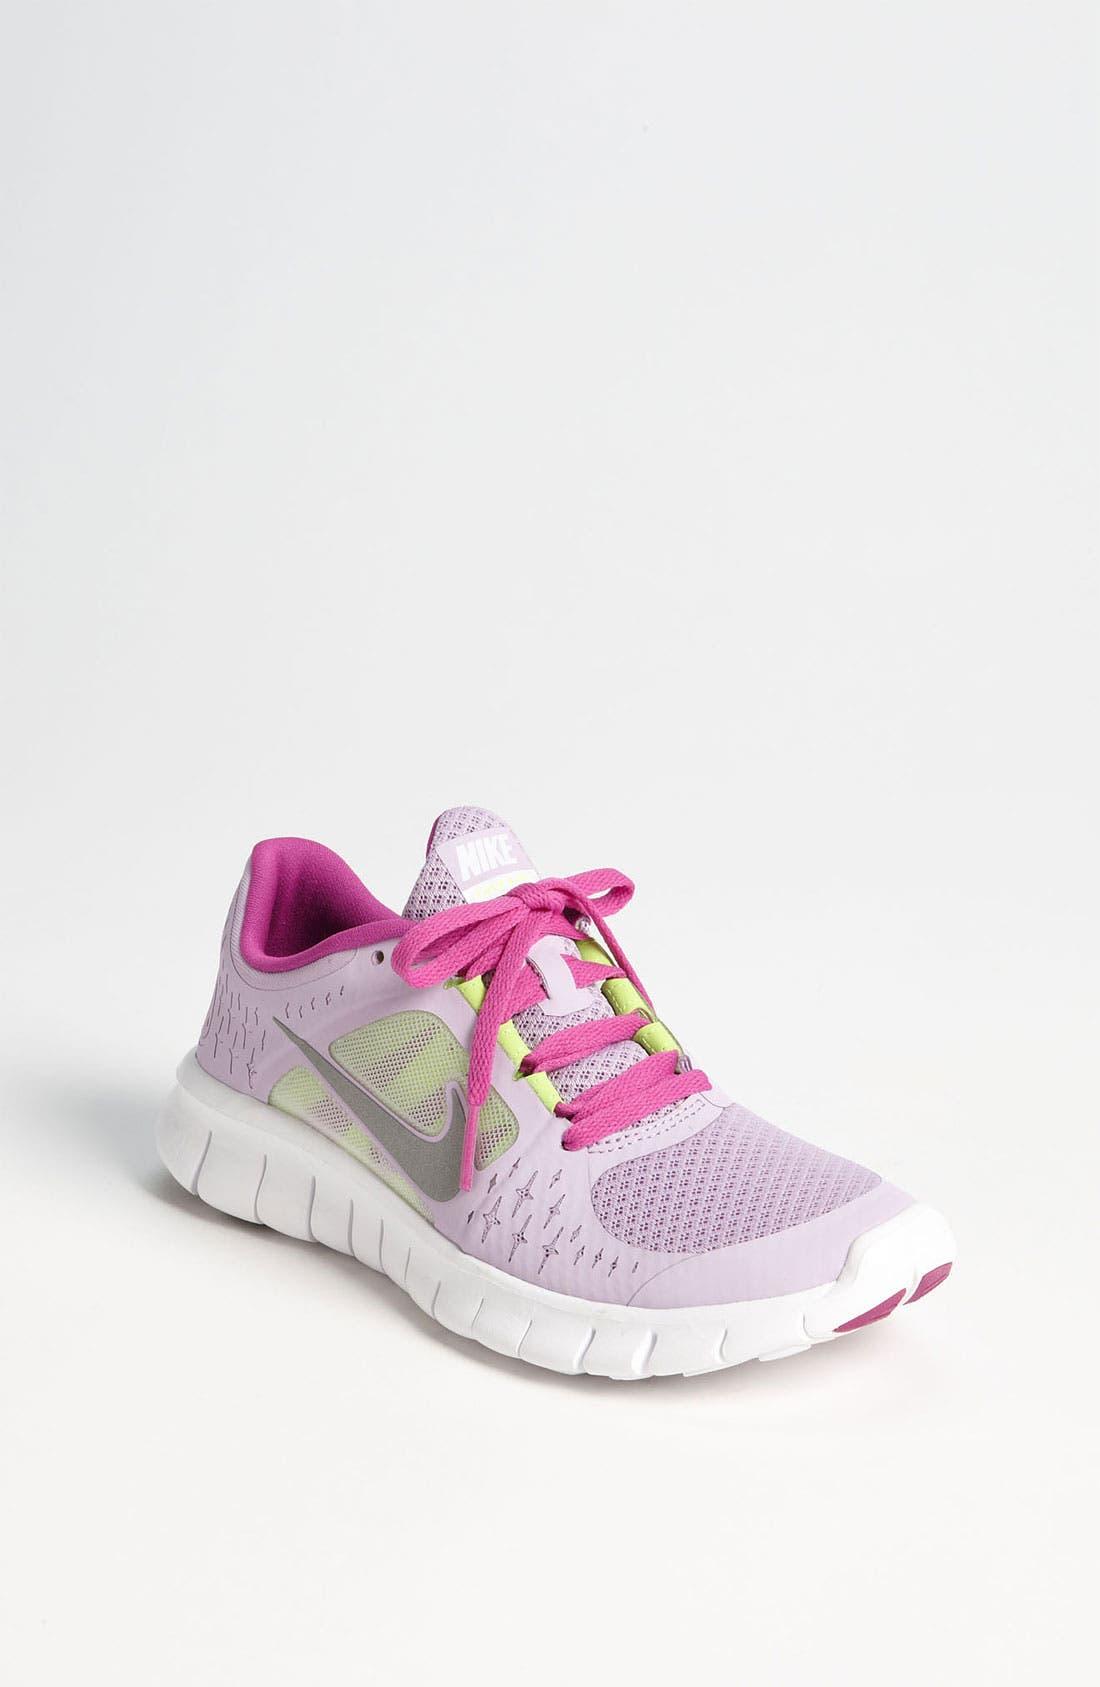 Alternate Image 1 Selected - Nike 'Free Run 3.0' Running Shoe (Big Kid)